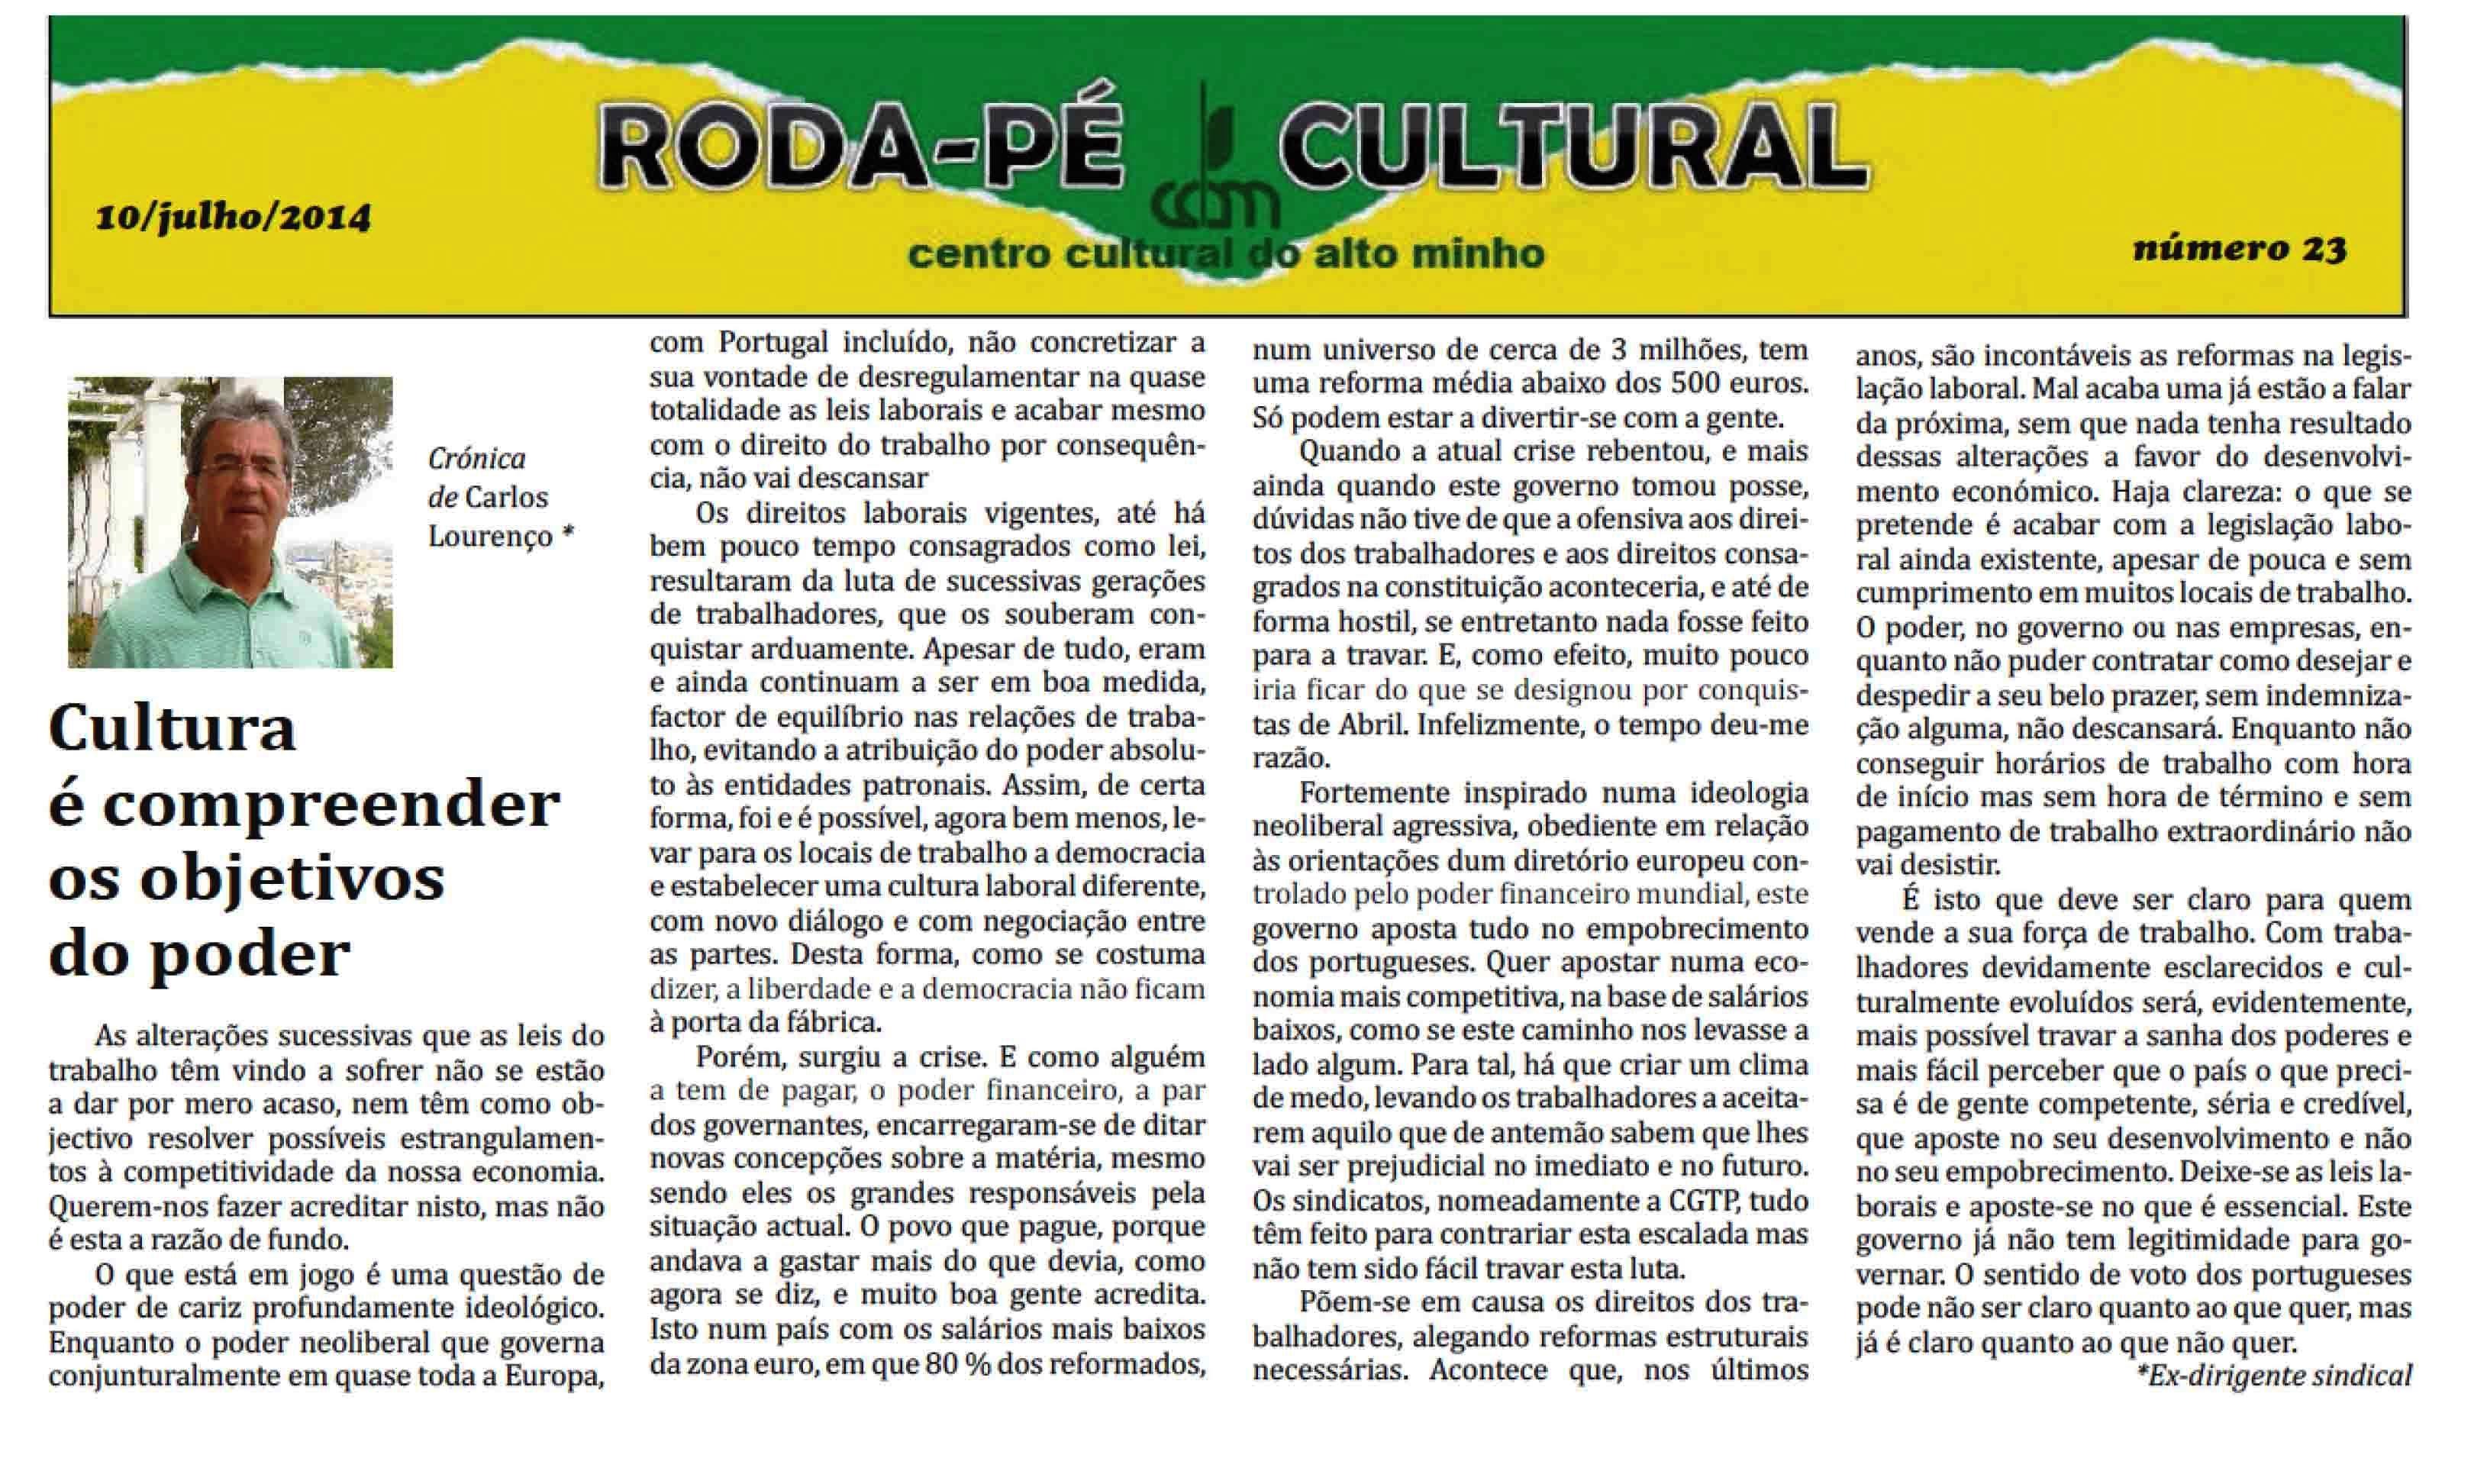 https://sites.google.com/a/centroculturaldoaltominho.org/ccam/actividades-realizadas/2014/RP_23.jpg